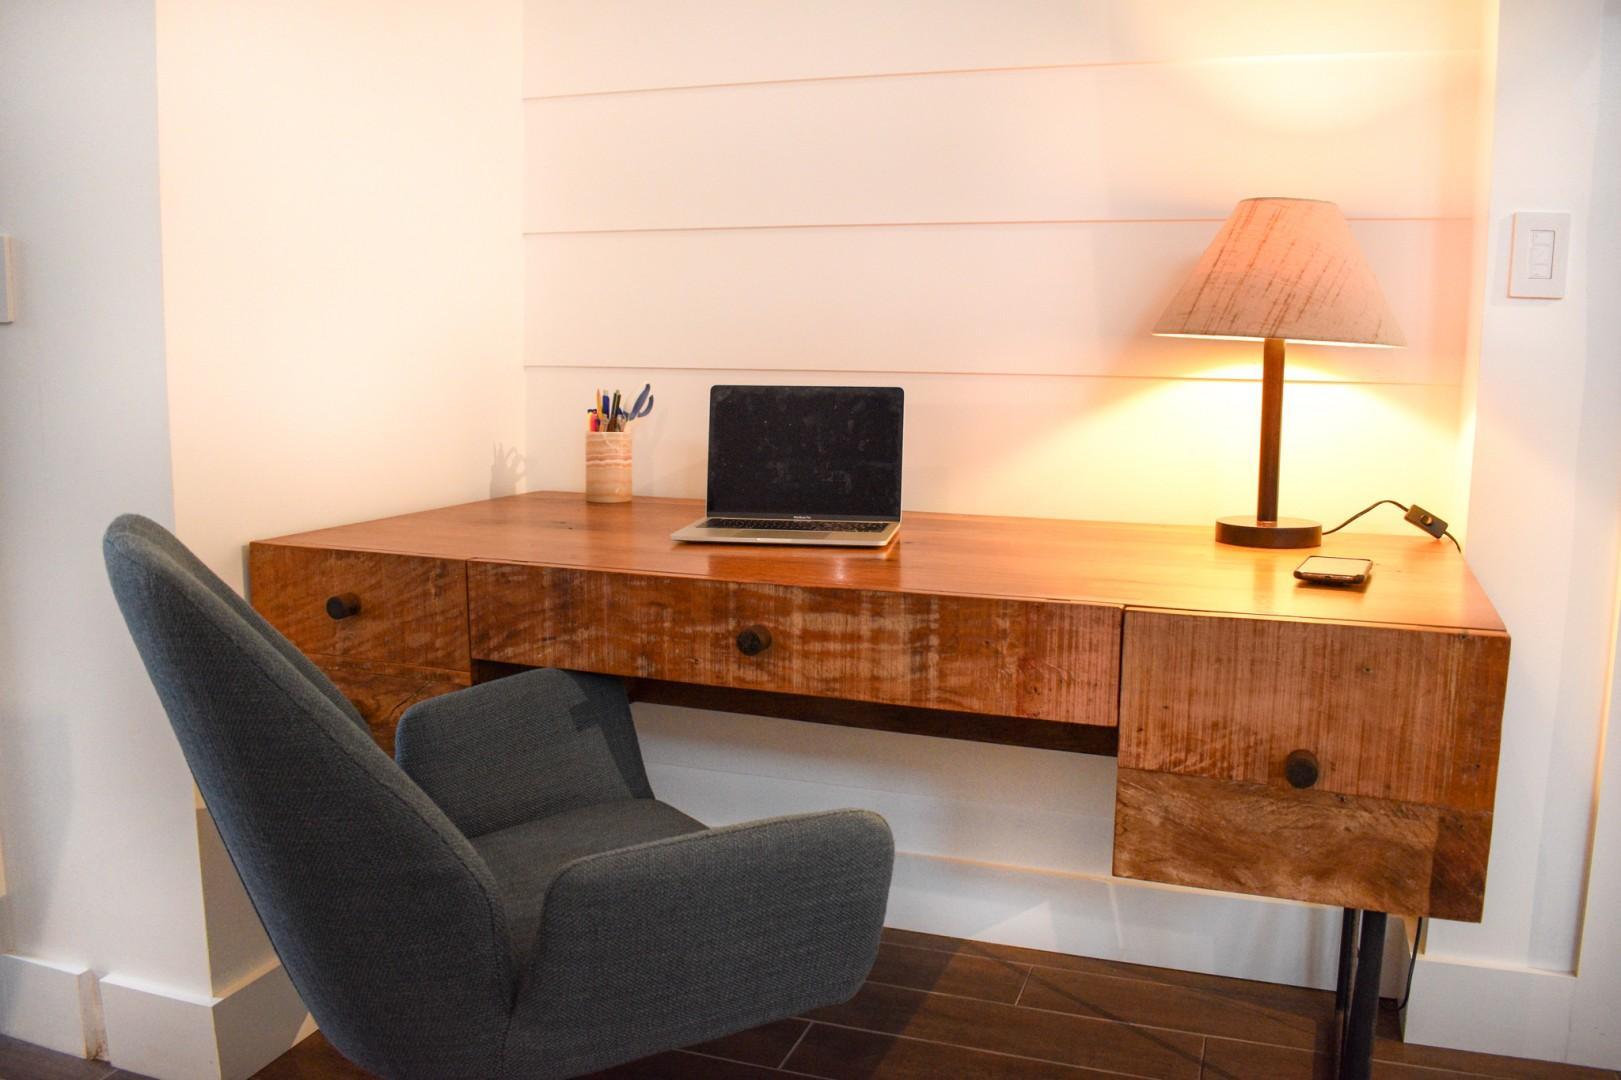 Cozy cottage desk area